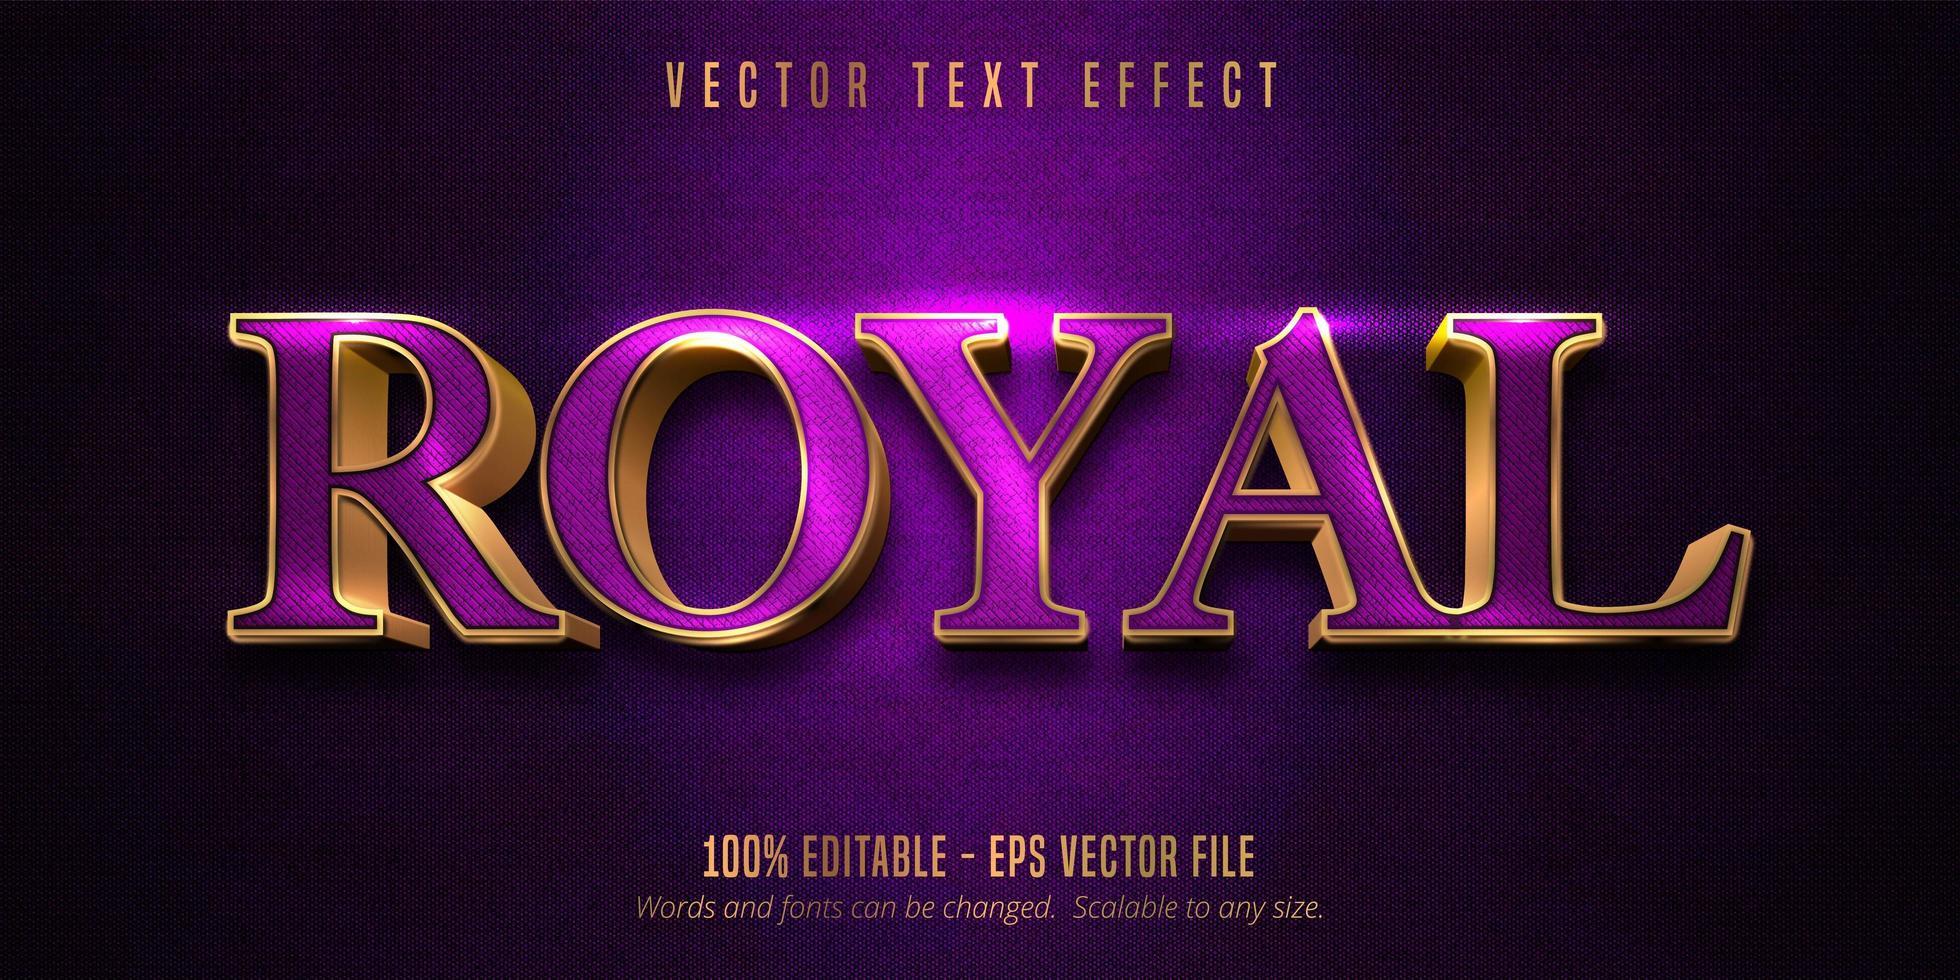 effetto di testo modificabile contorno viola reale e oro lucido vettore